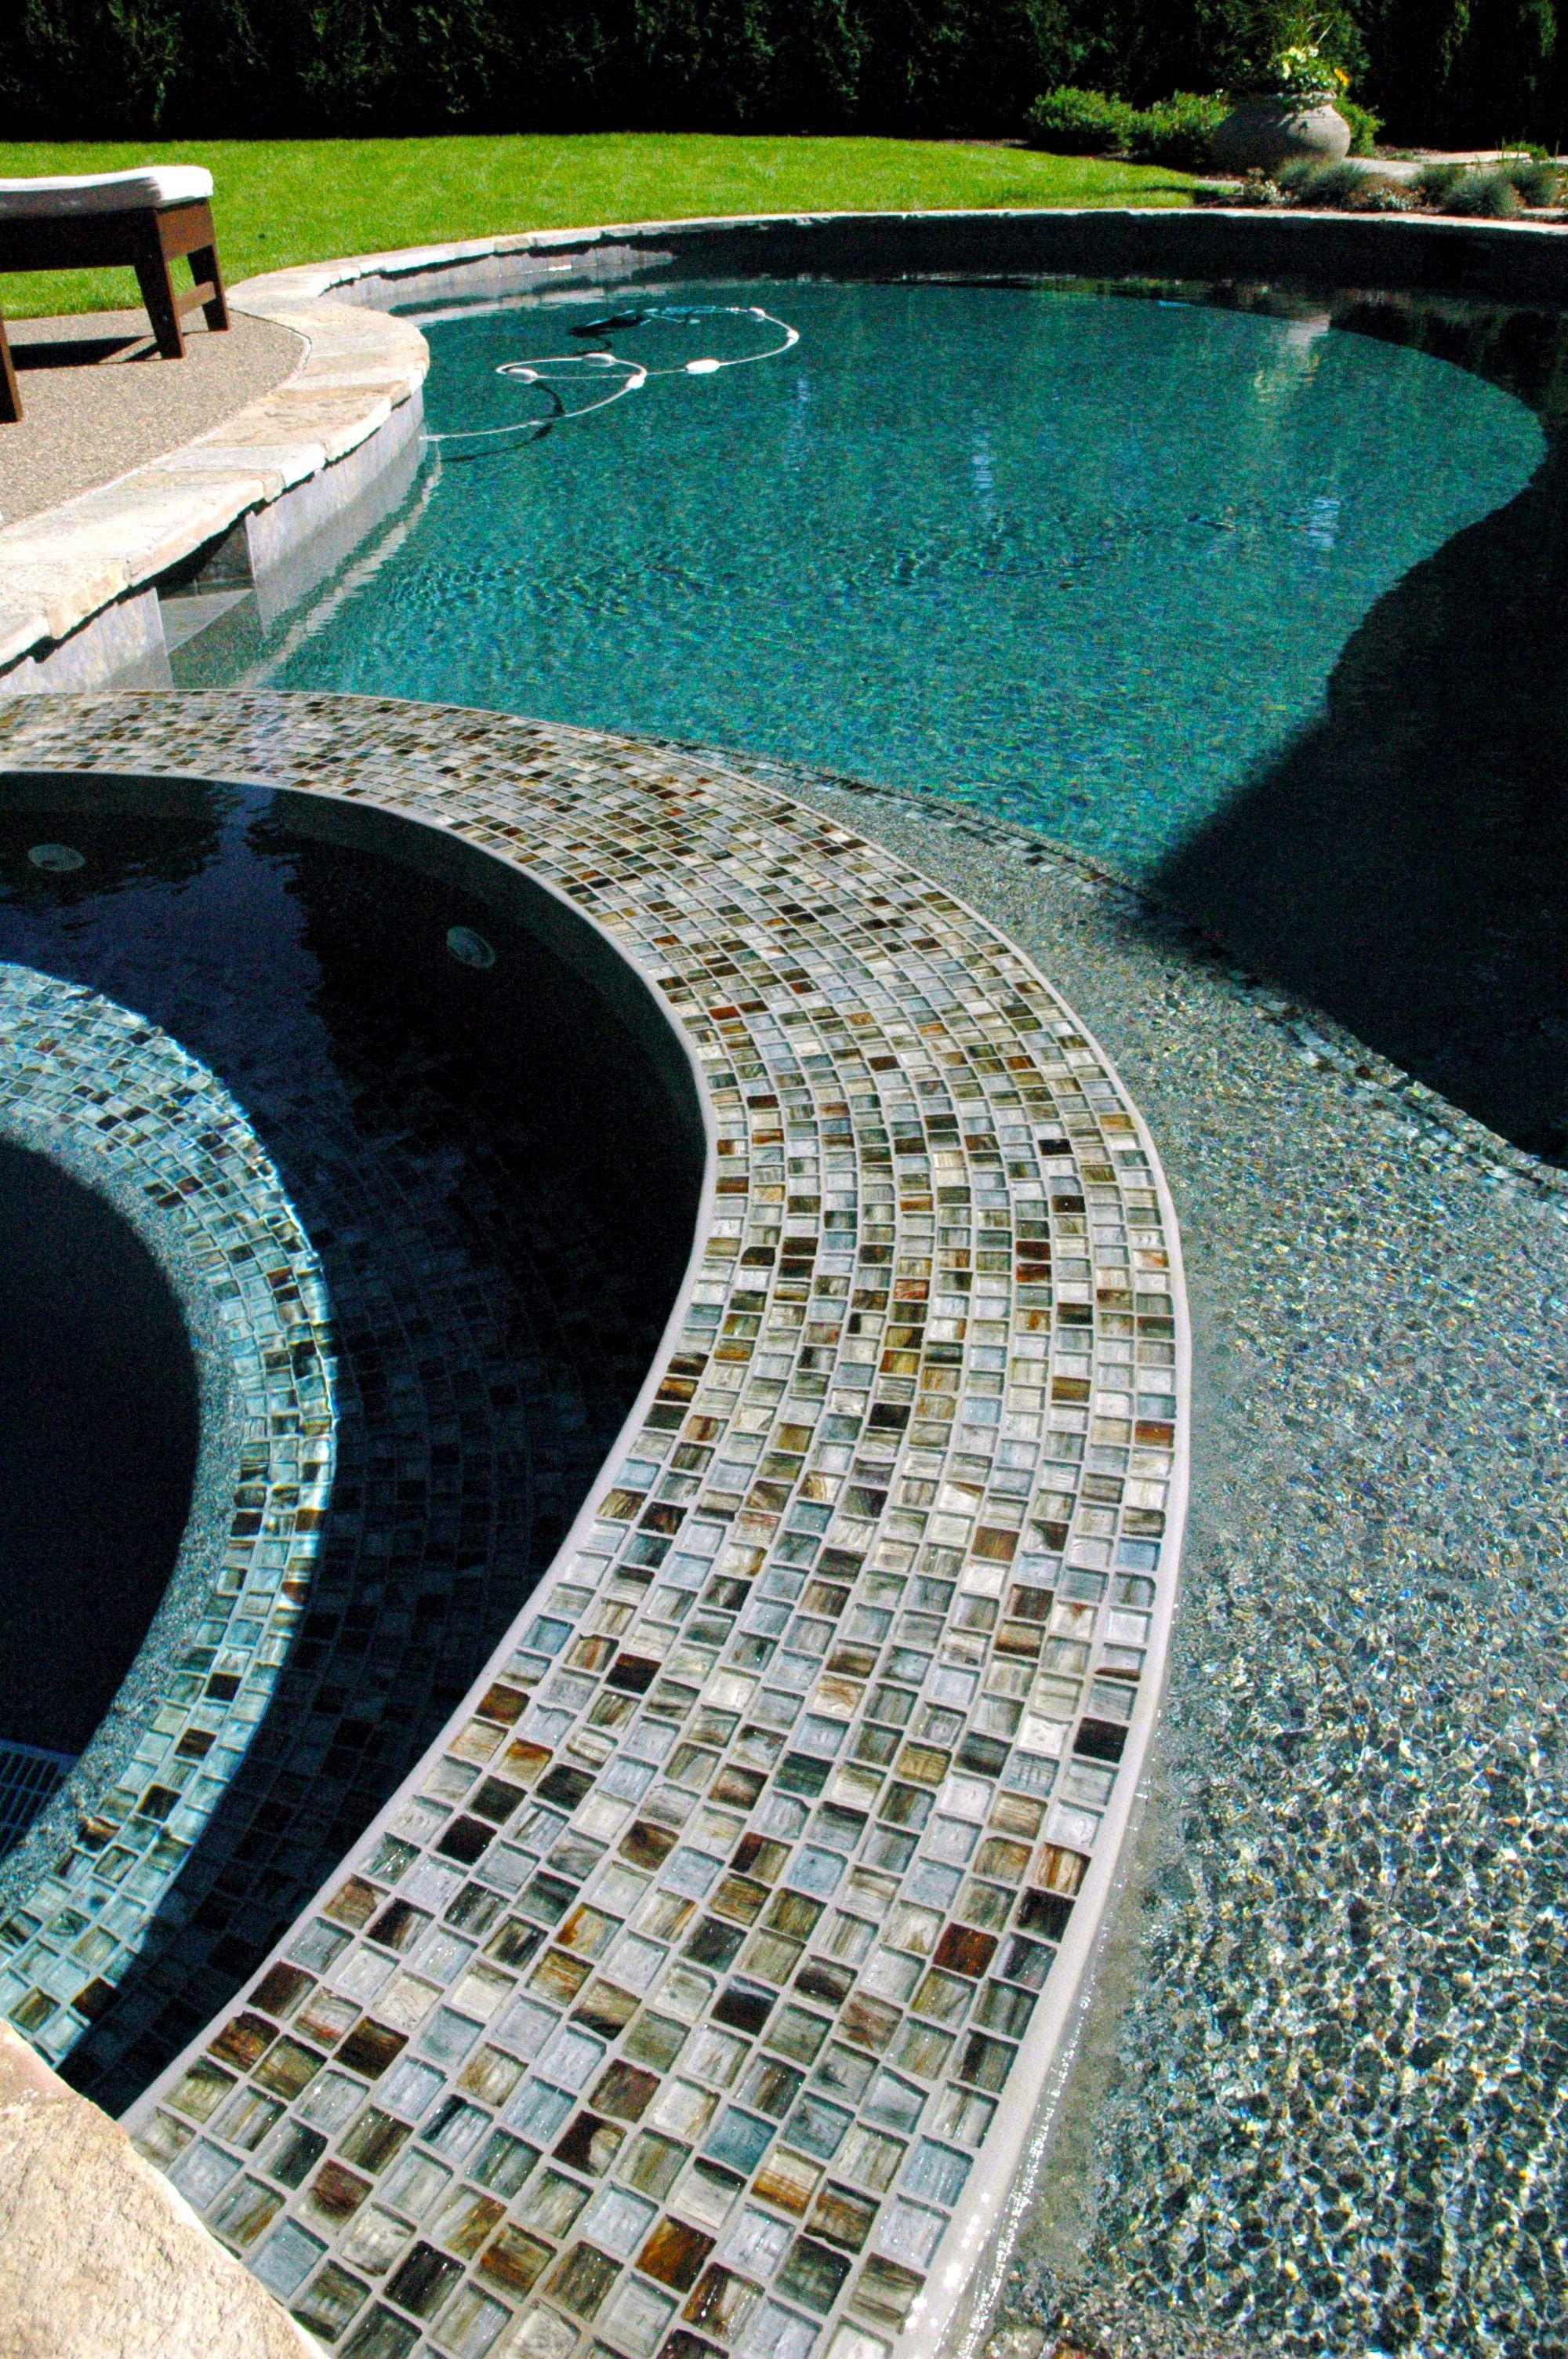 Zushi Pool Tile Syle I Like Color Change Pool